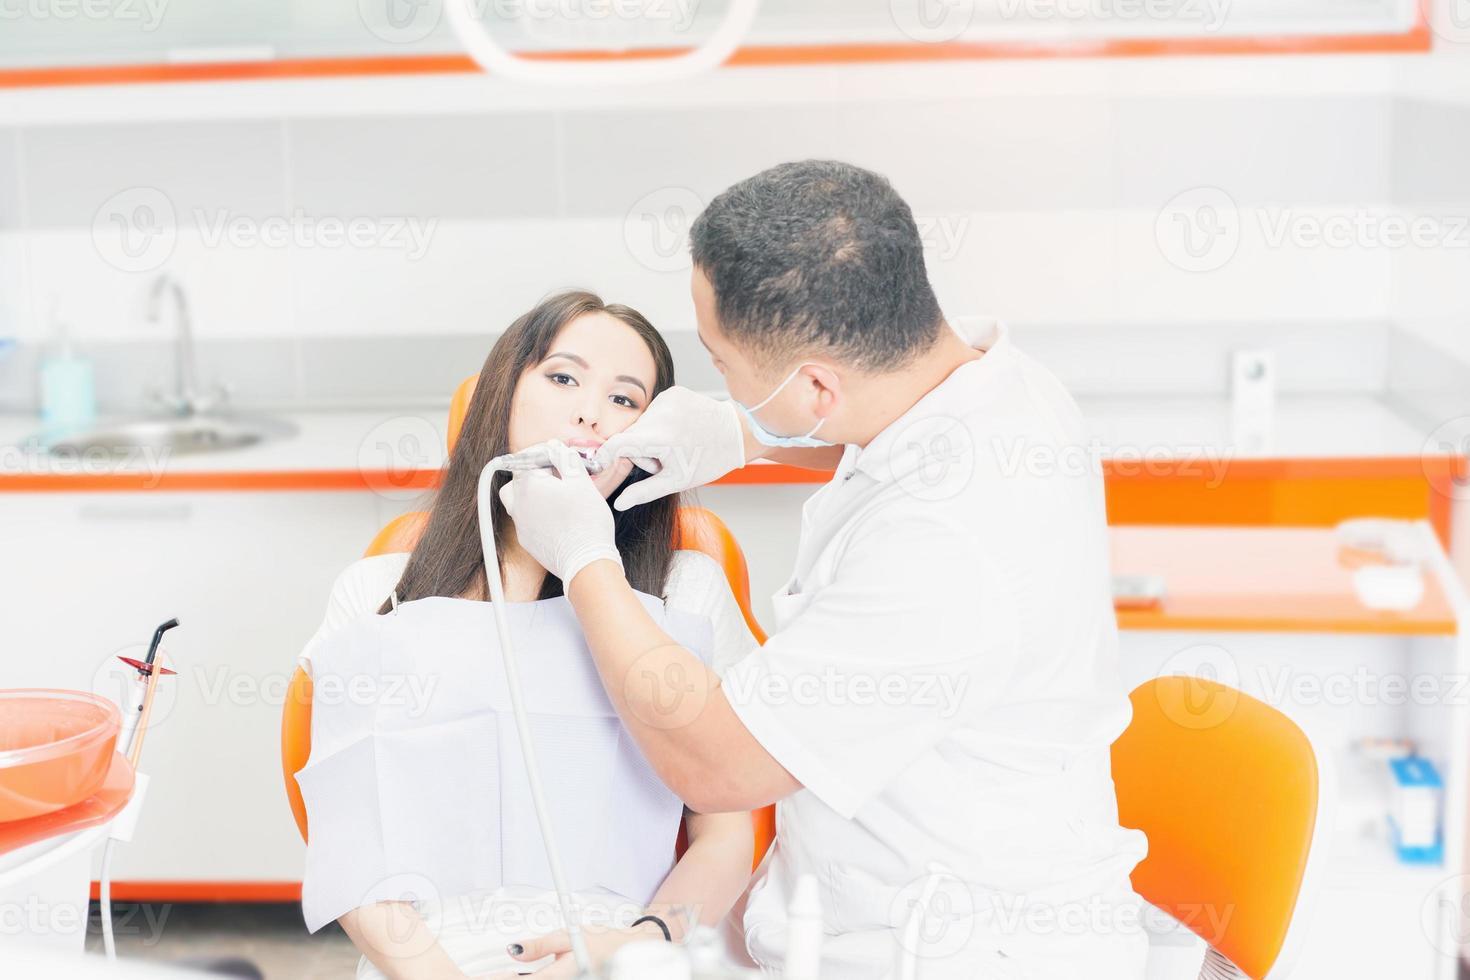 dentista médico trata dientes paciente niña en consultorio dental foto